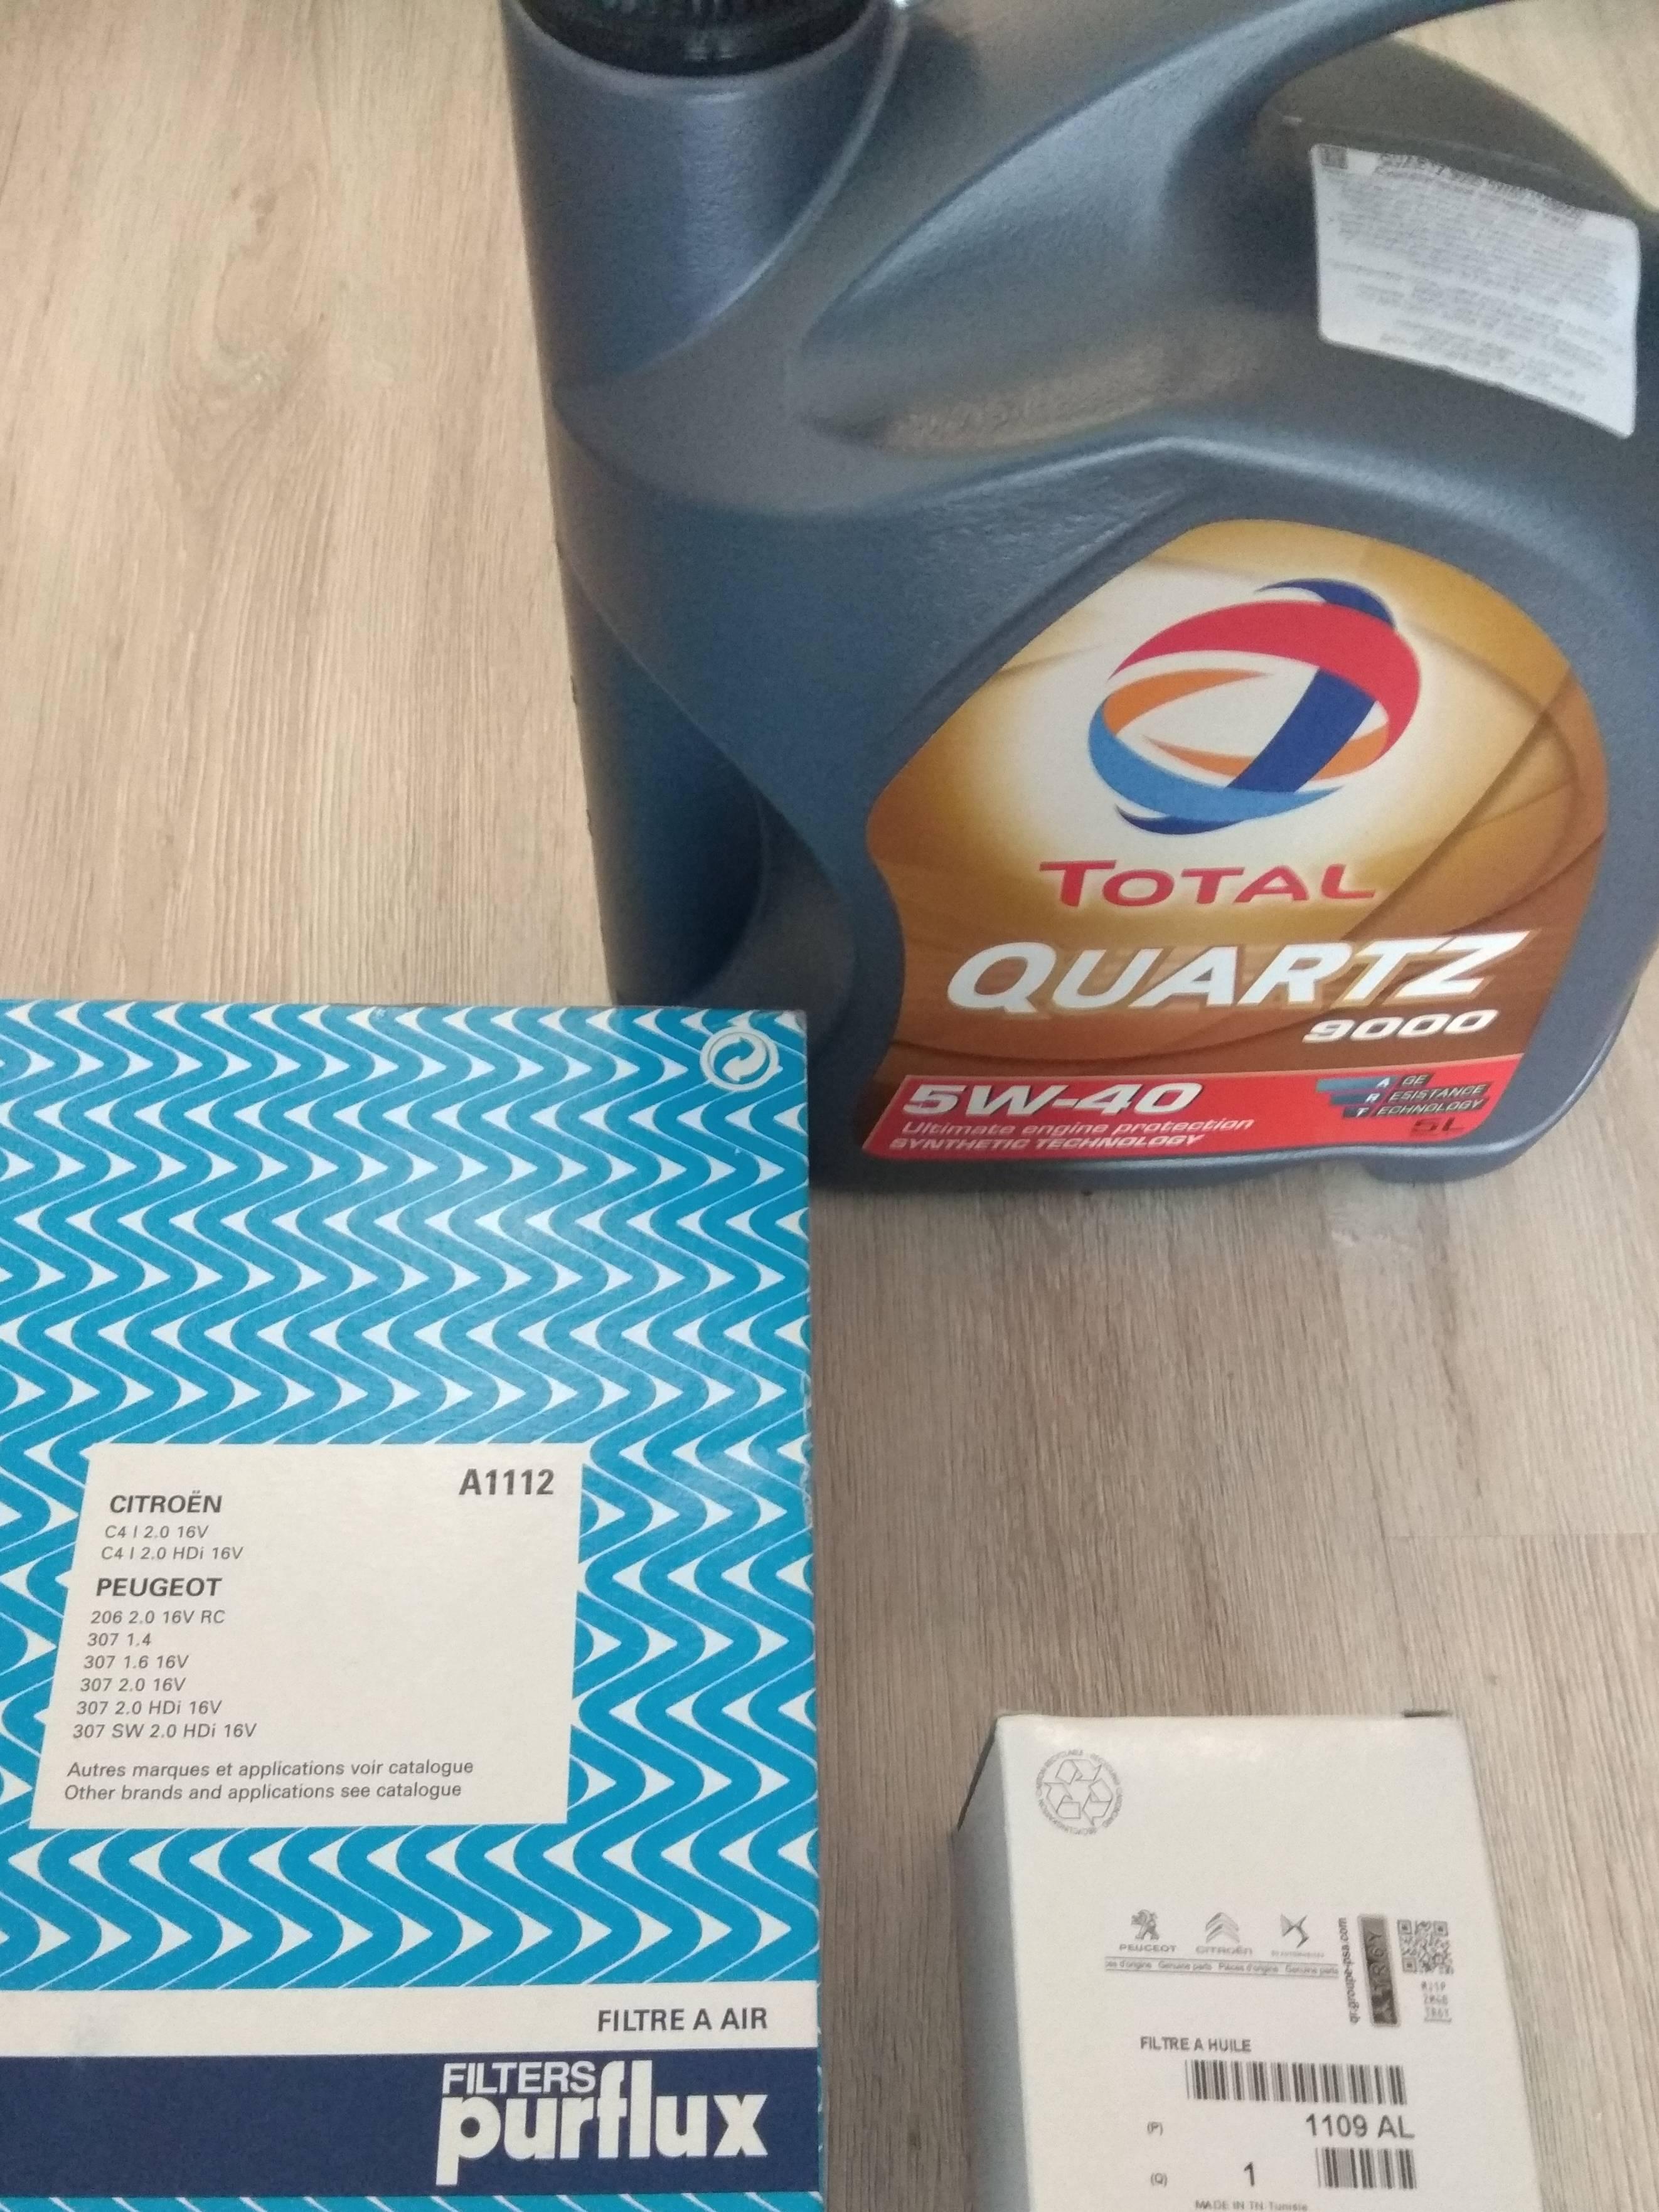 Продаю расходники для пежо 307 2.0 дизель: масло тотаl 5w-40 5л канистра, фильтр масляный peugeot-citroen 1109 Al, фильтр воздушный Purflux A1112. За все 60 рублей. 80296752944